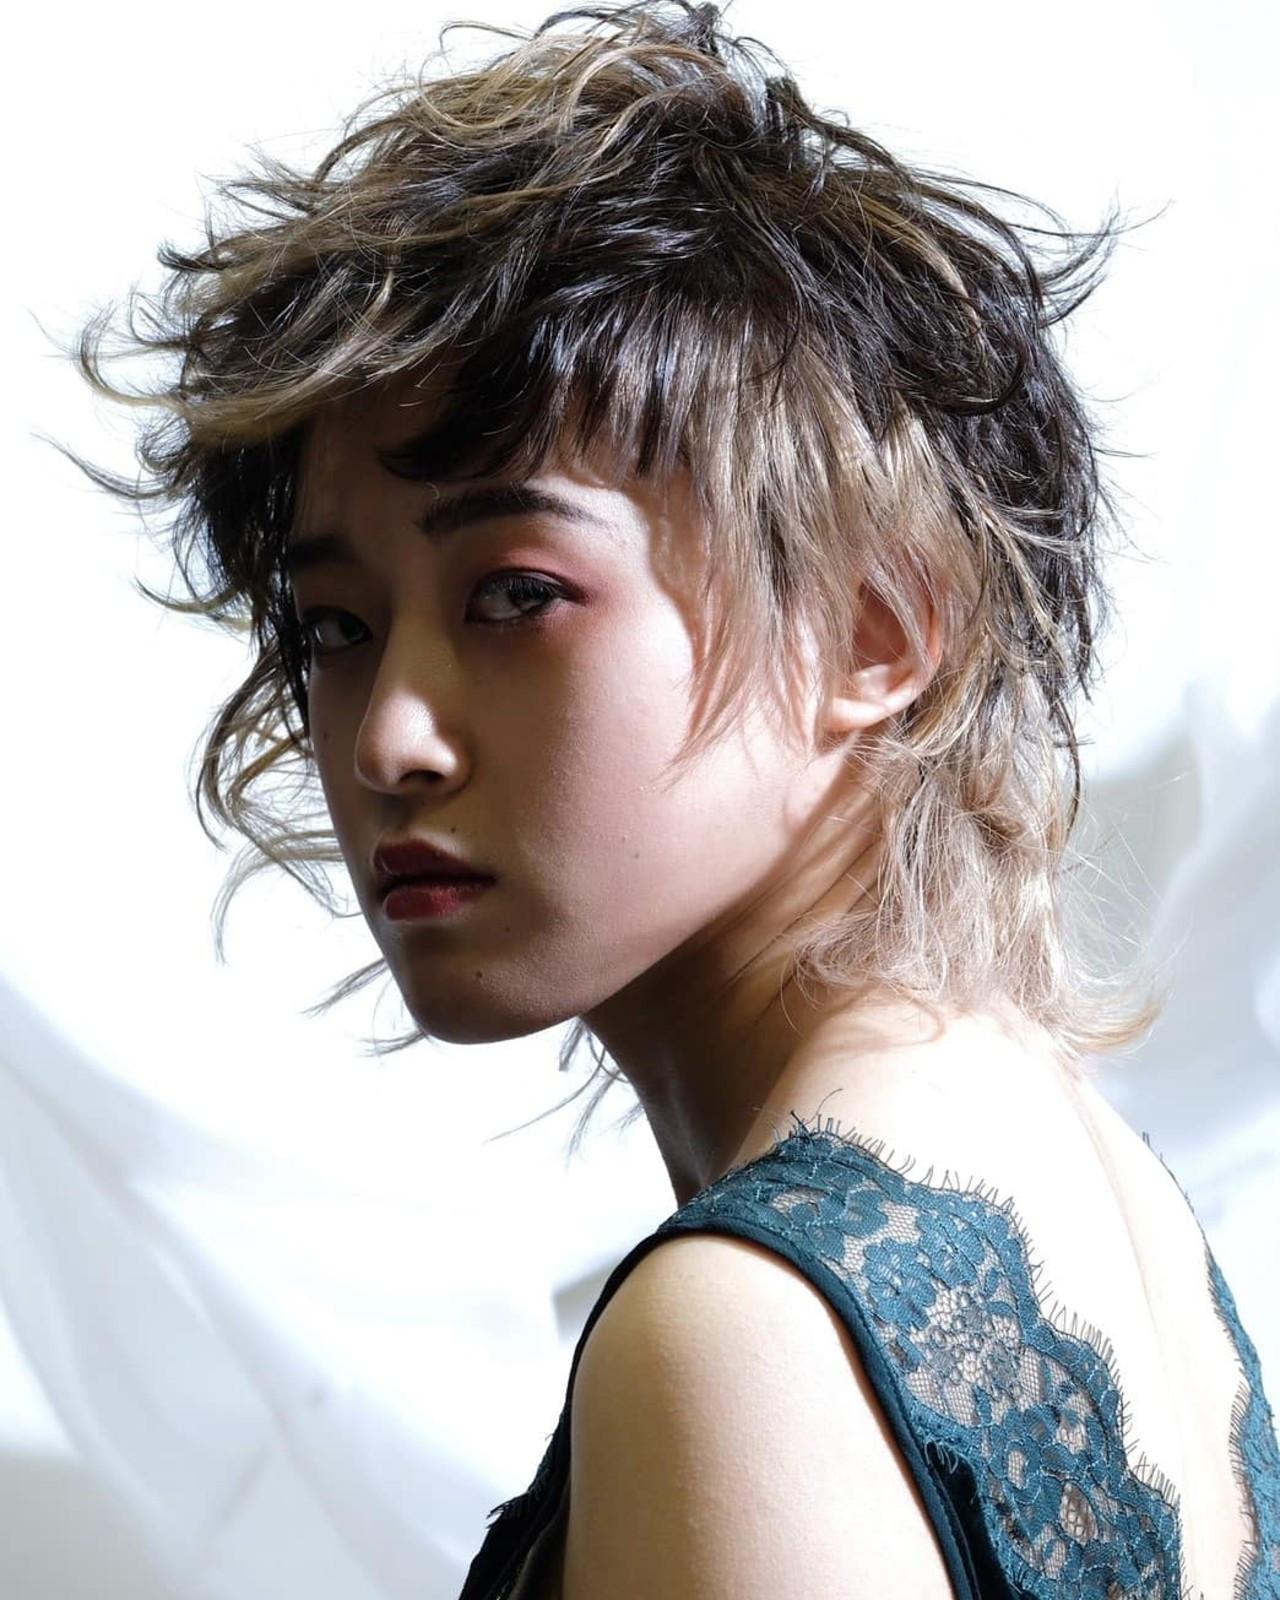 ハンサムショート 阿藤俊也 PEEK-A-BOO ウルフカット ヘアスタイルや髪型の写真・画像